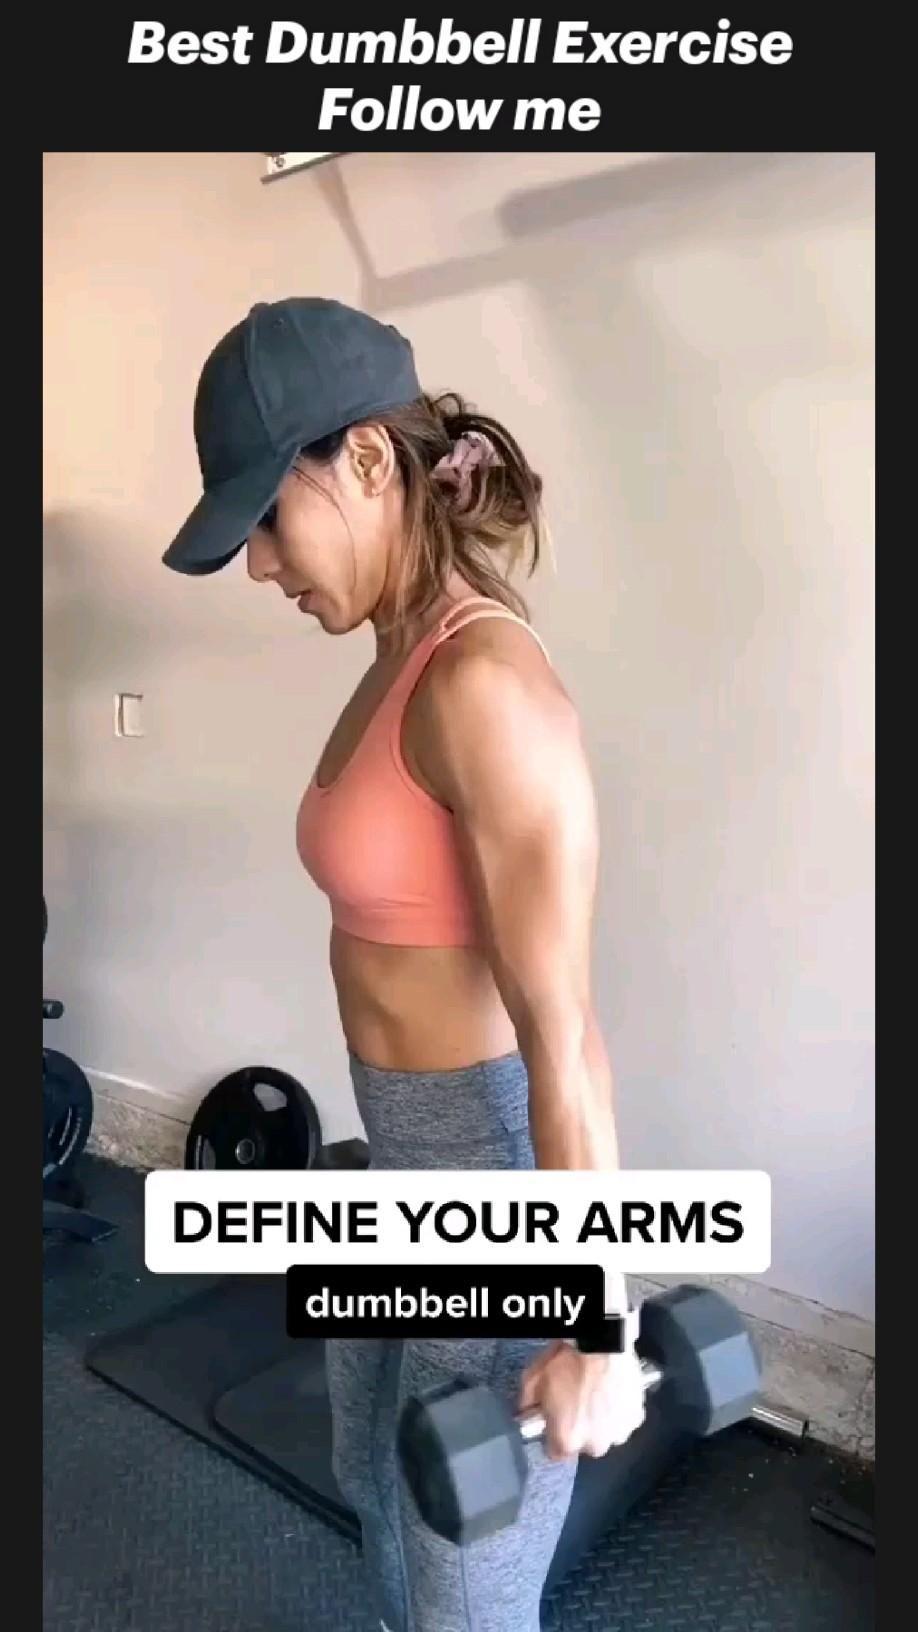 Best Dumbbell Exercise